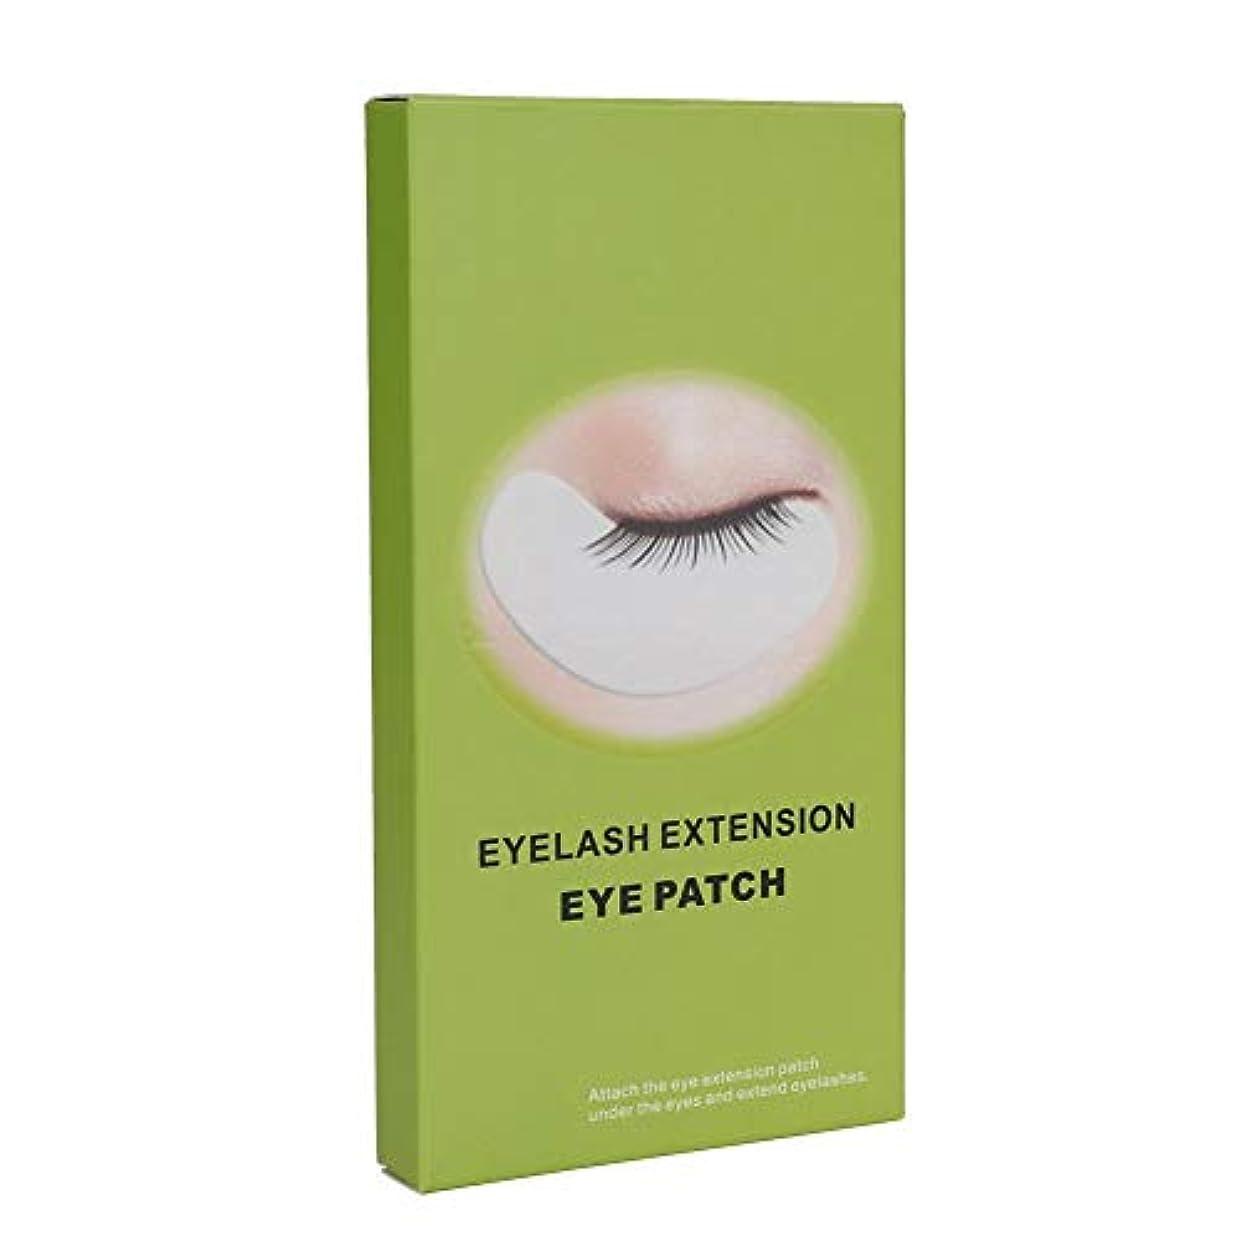 検出する箱記念日10対のまつげパッド - プロのアイジェルパッチ、DIYつけまつげエクステ化粧品 - 拡張アイエクステンションまつげ美容